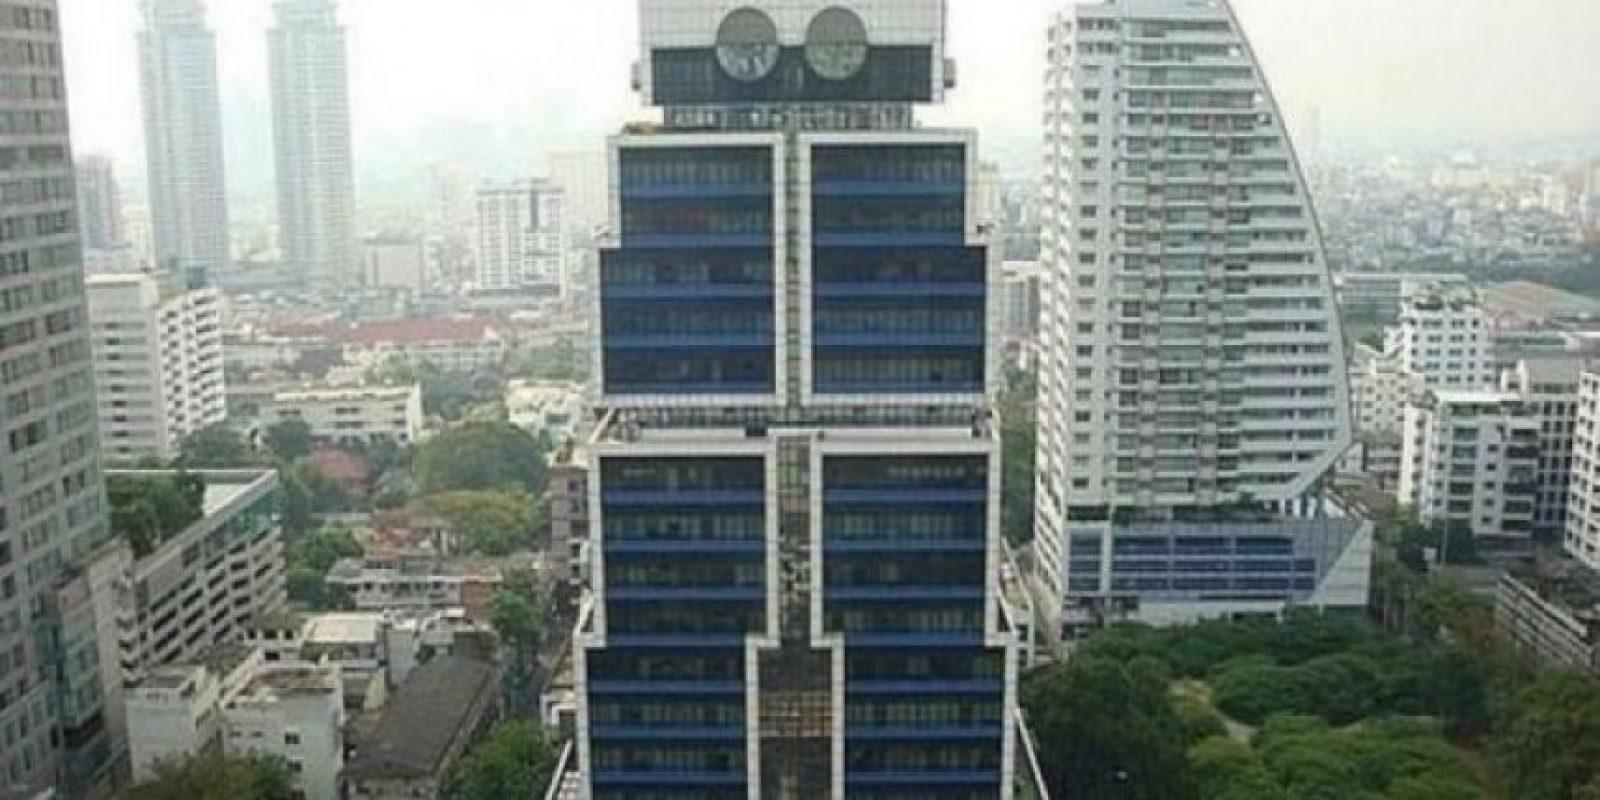 En la zona financiera de Bangkok, en Tailandia, se encuentra el edificio robot creado por Sumet Jumsai, que se inspiró en los juguetes de su hijo para diseñar la sede del Banco de Asia